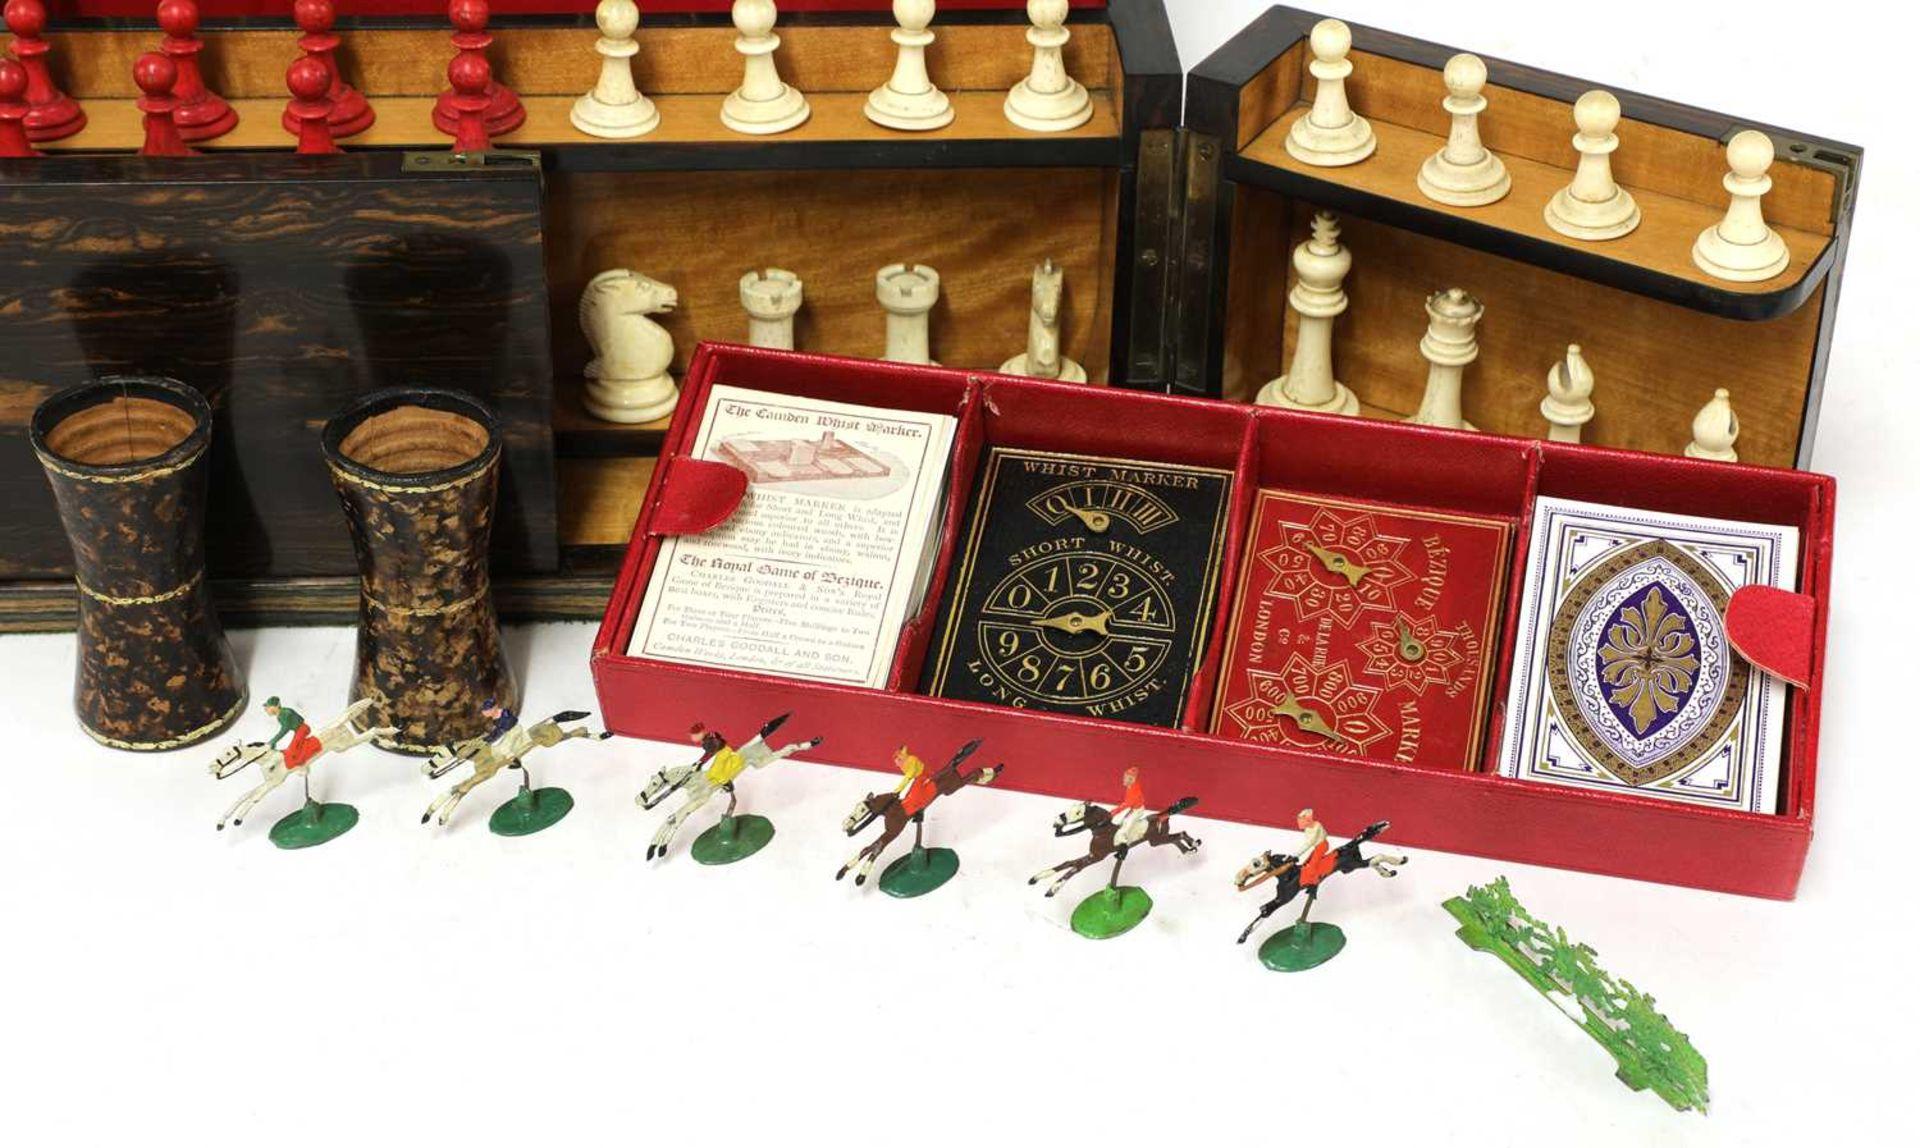 A Victorian coromandel cased games compendium, - Image 4 of 8